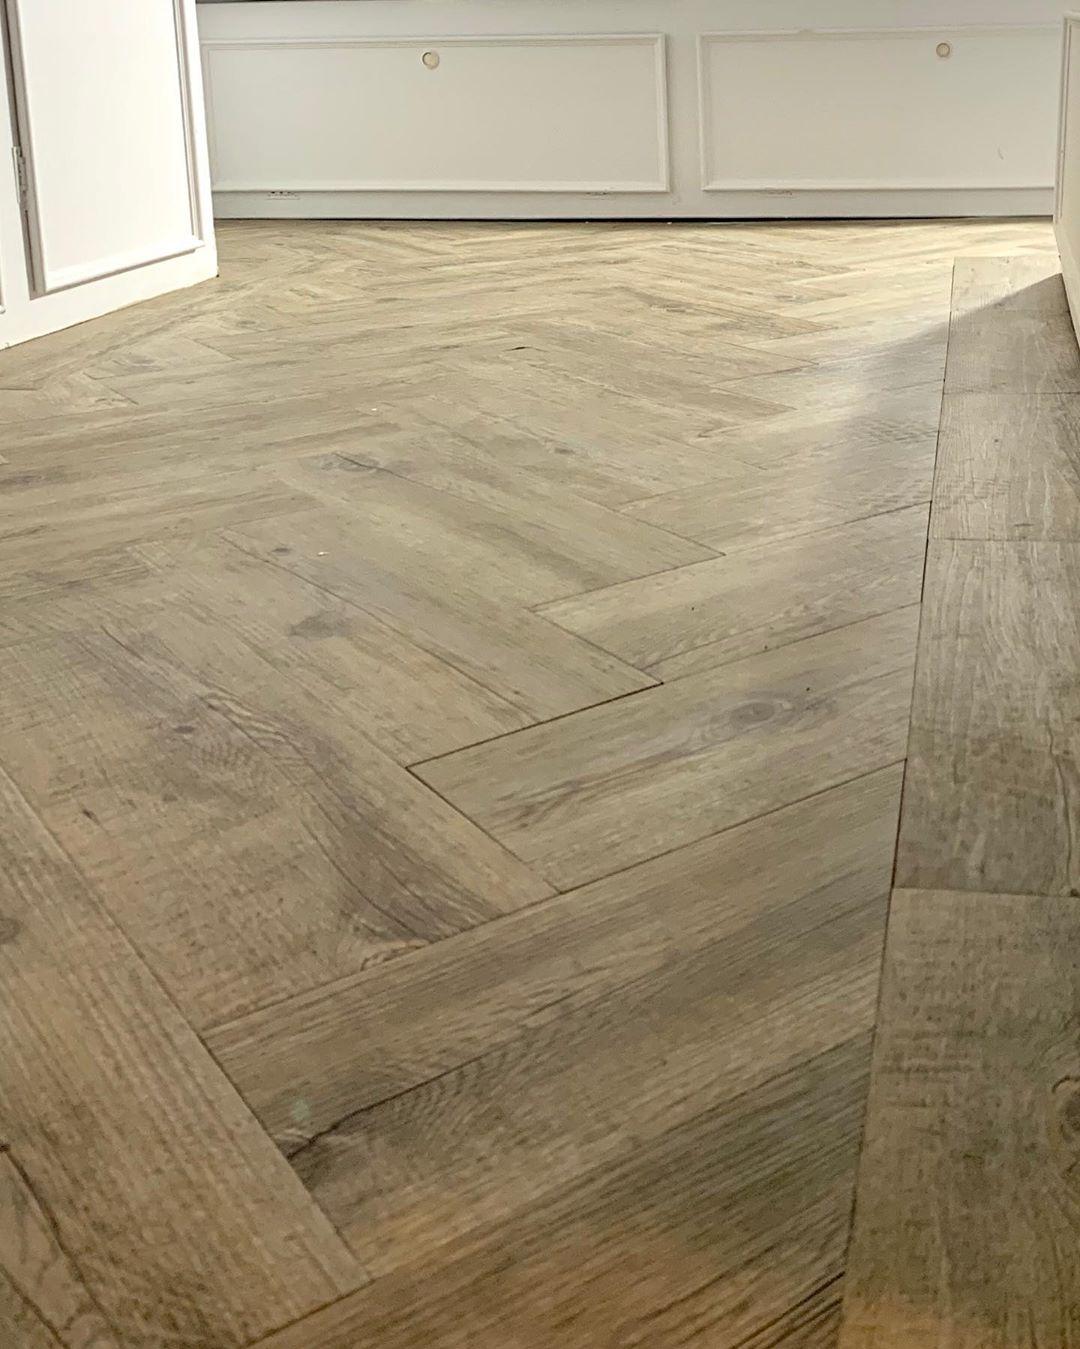 Herringbone pattern on the floor of renovated caravan